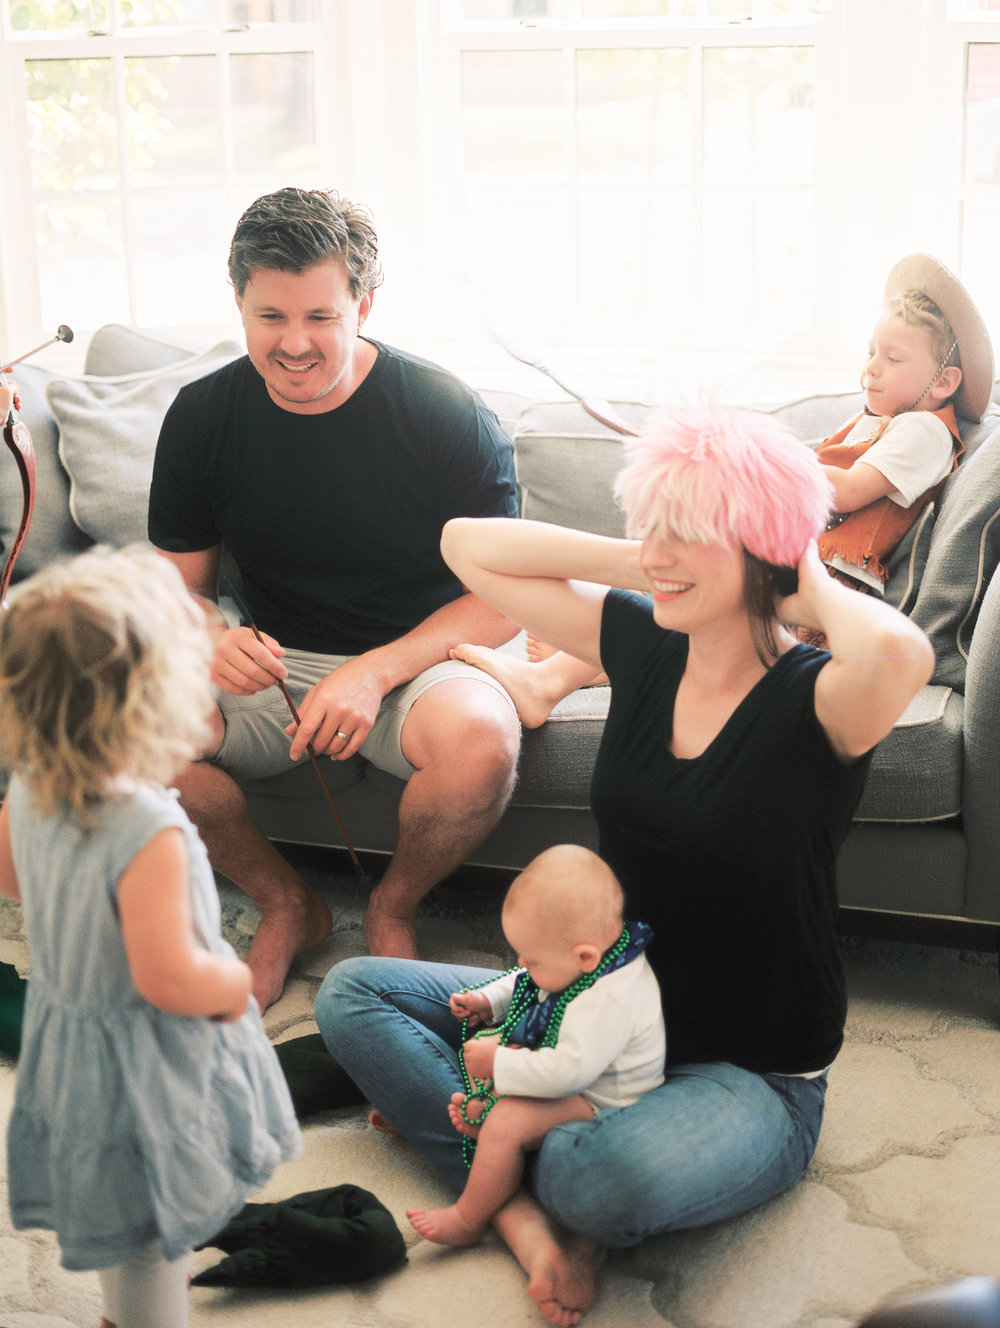 Douglas-family-film-session-16.jpg